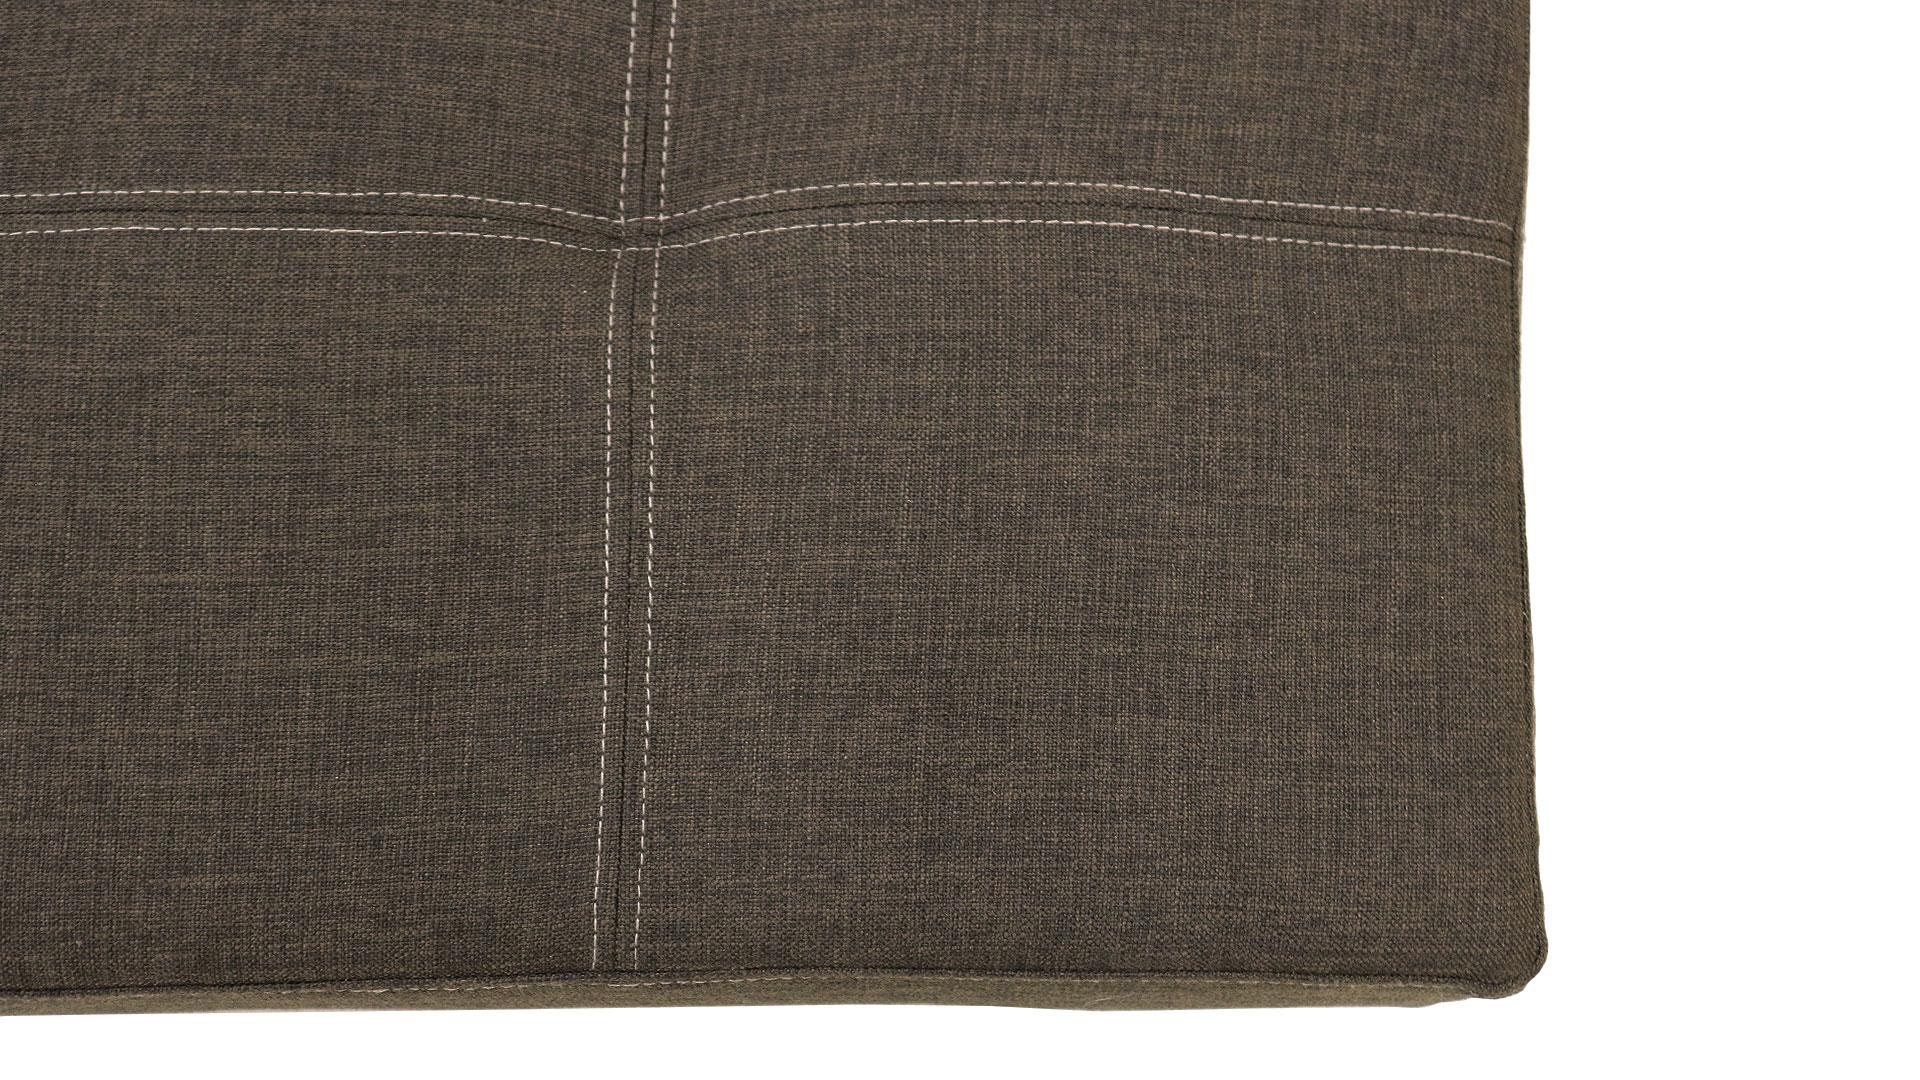 横幅180㎝の黒のソファベッド7.777円の品の生地の画像